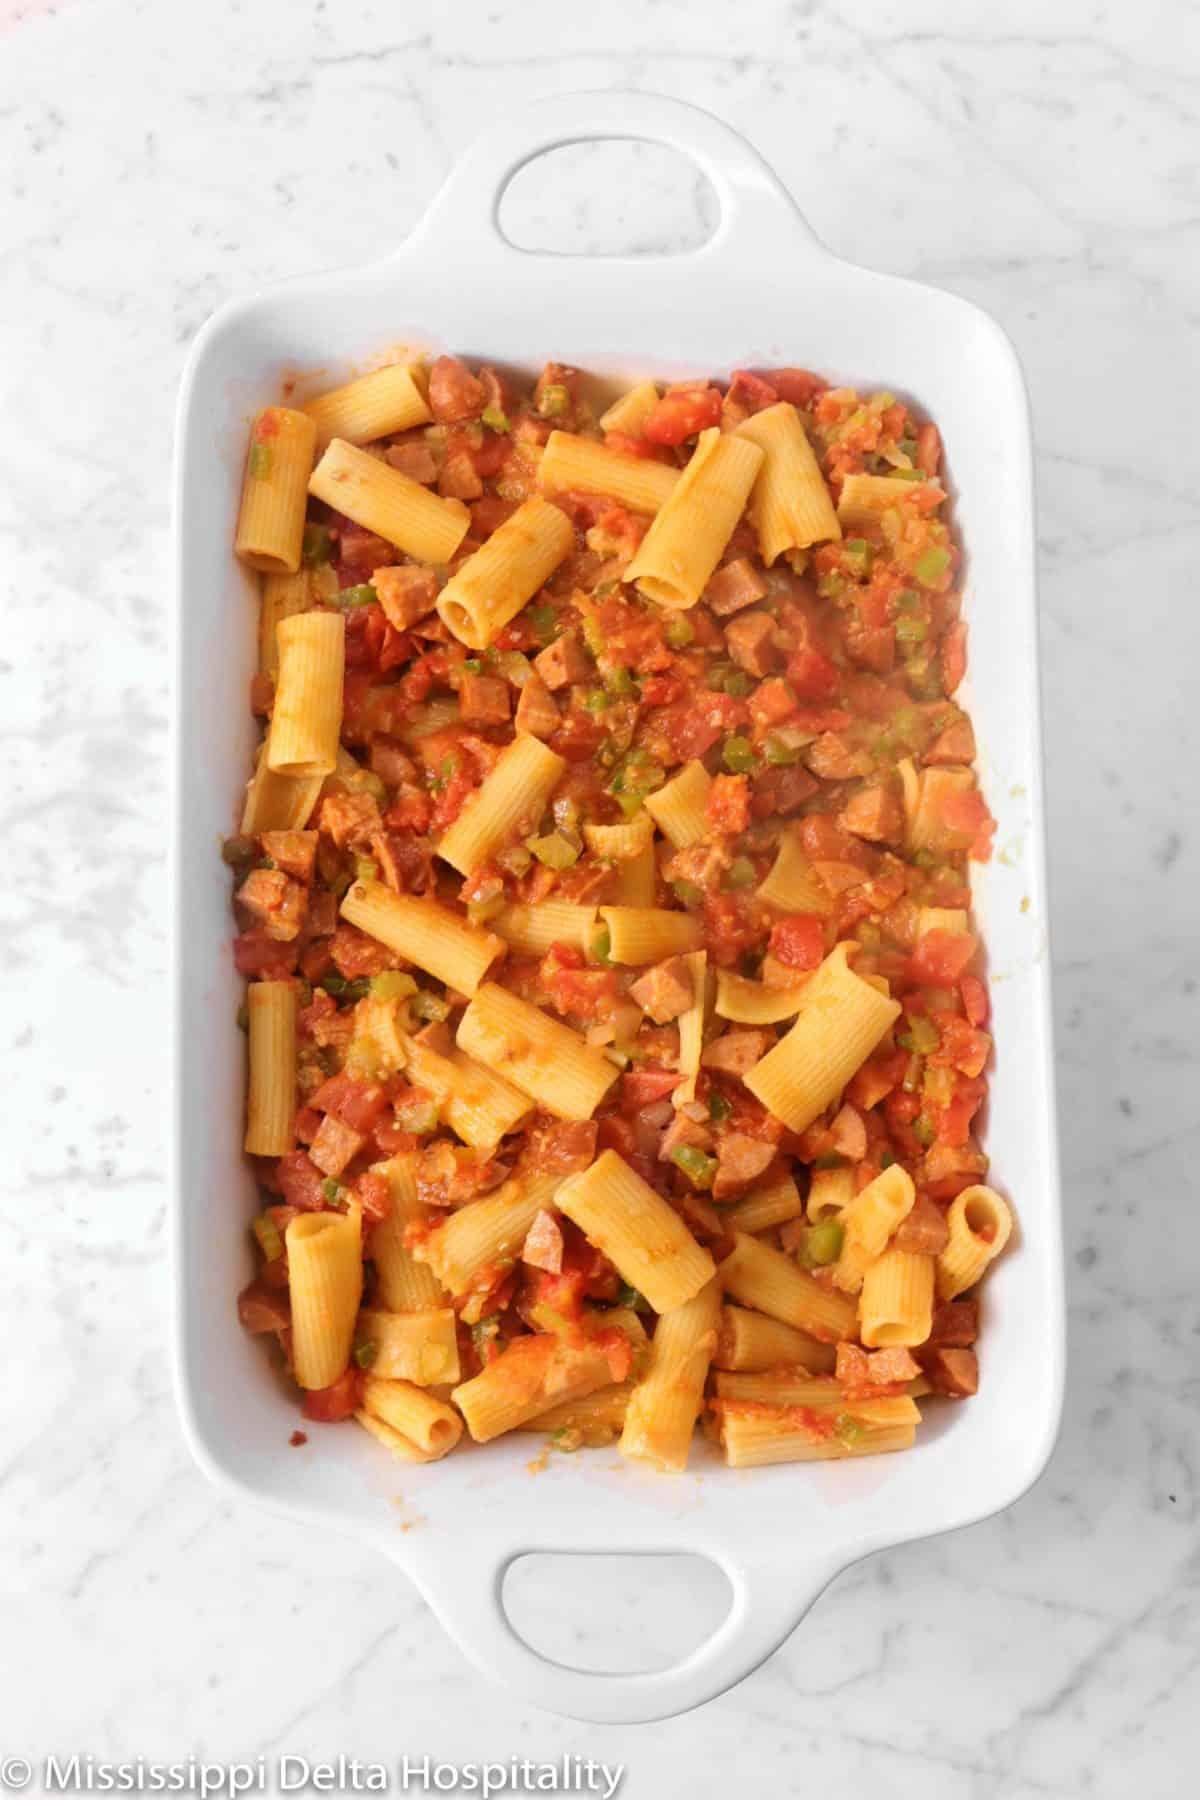 rigatoni mixture in a white casserole dish